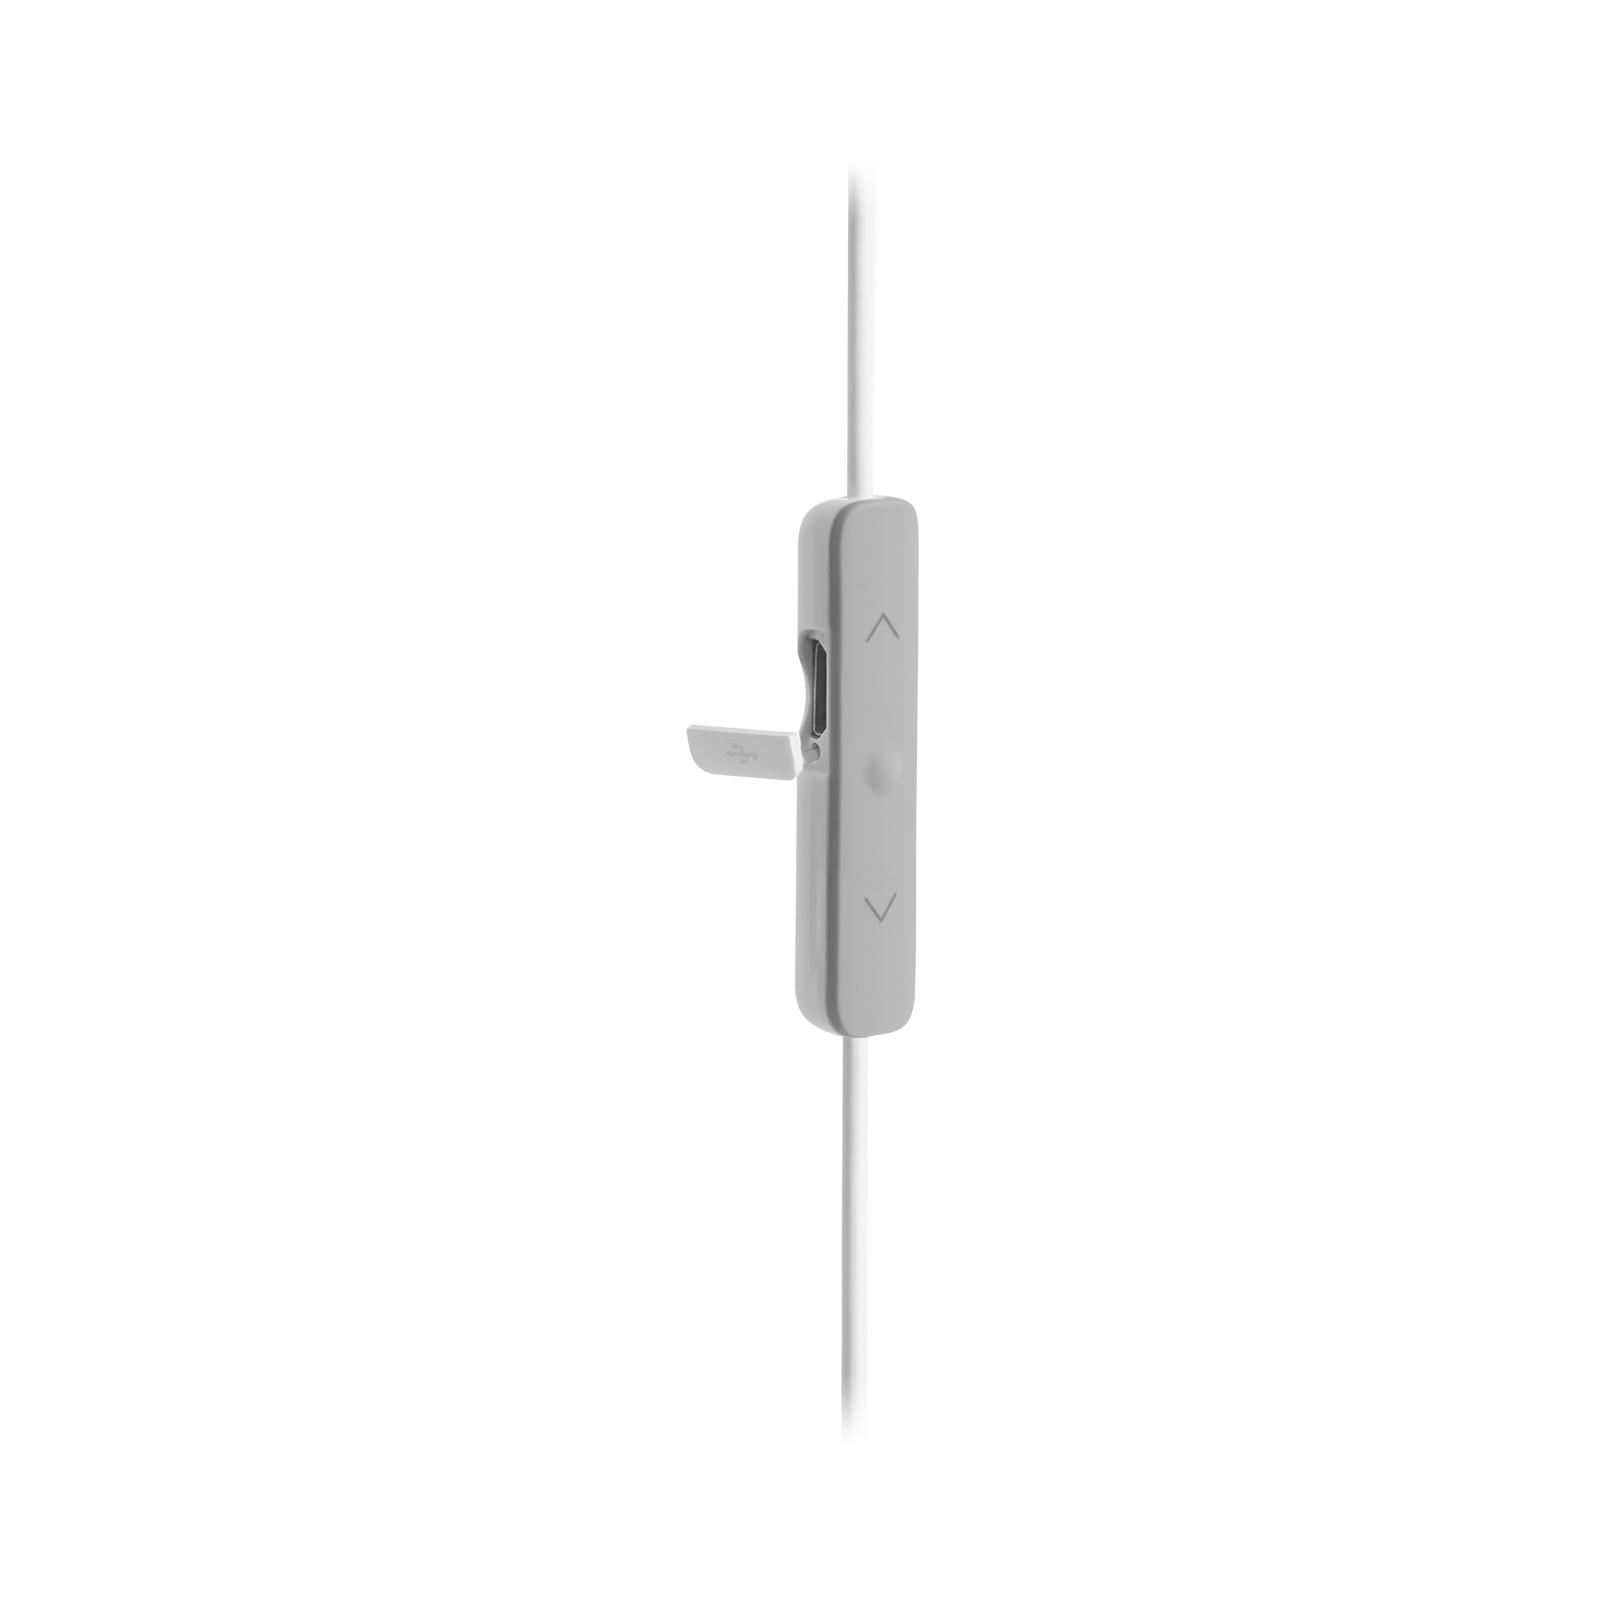 JBL EVEREST™ 110 - Silver - Wireless In-ear headphones - Detailshot 1